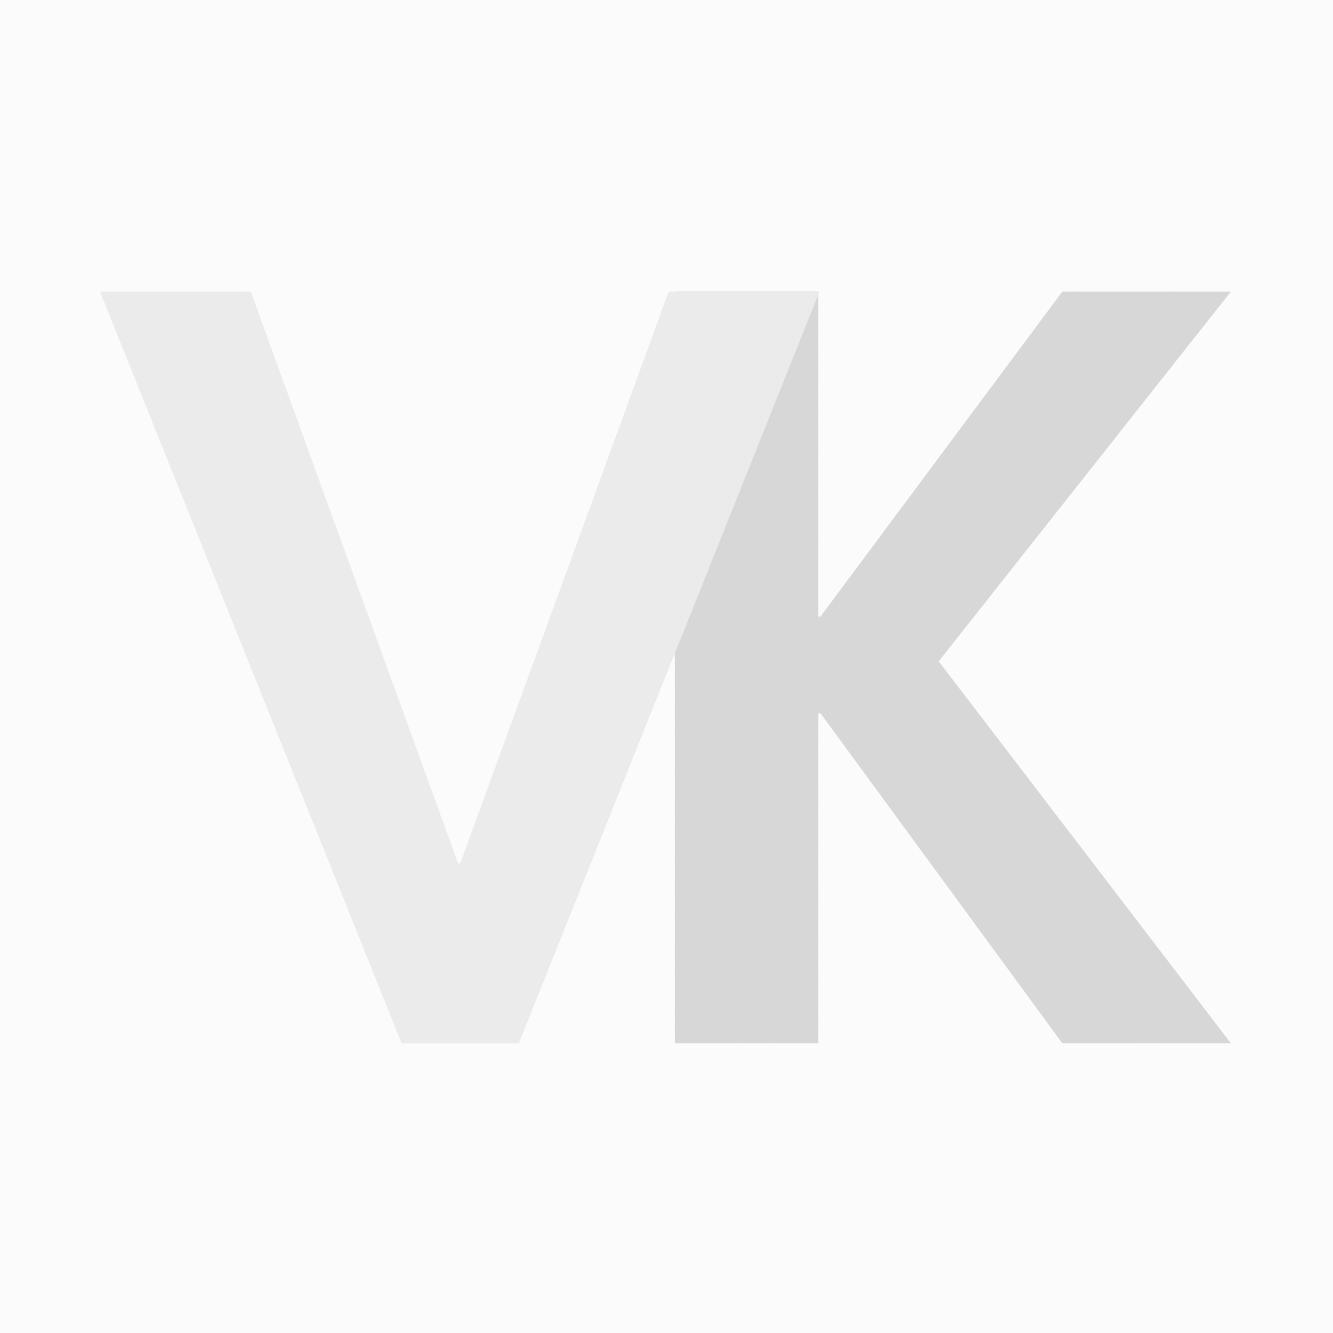 Kyone 660 Left Kappersschaar 5.5 Linkshandig